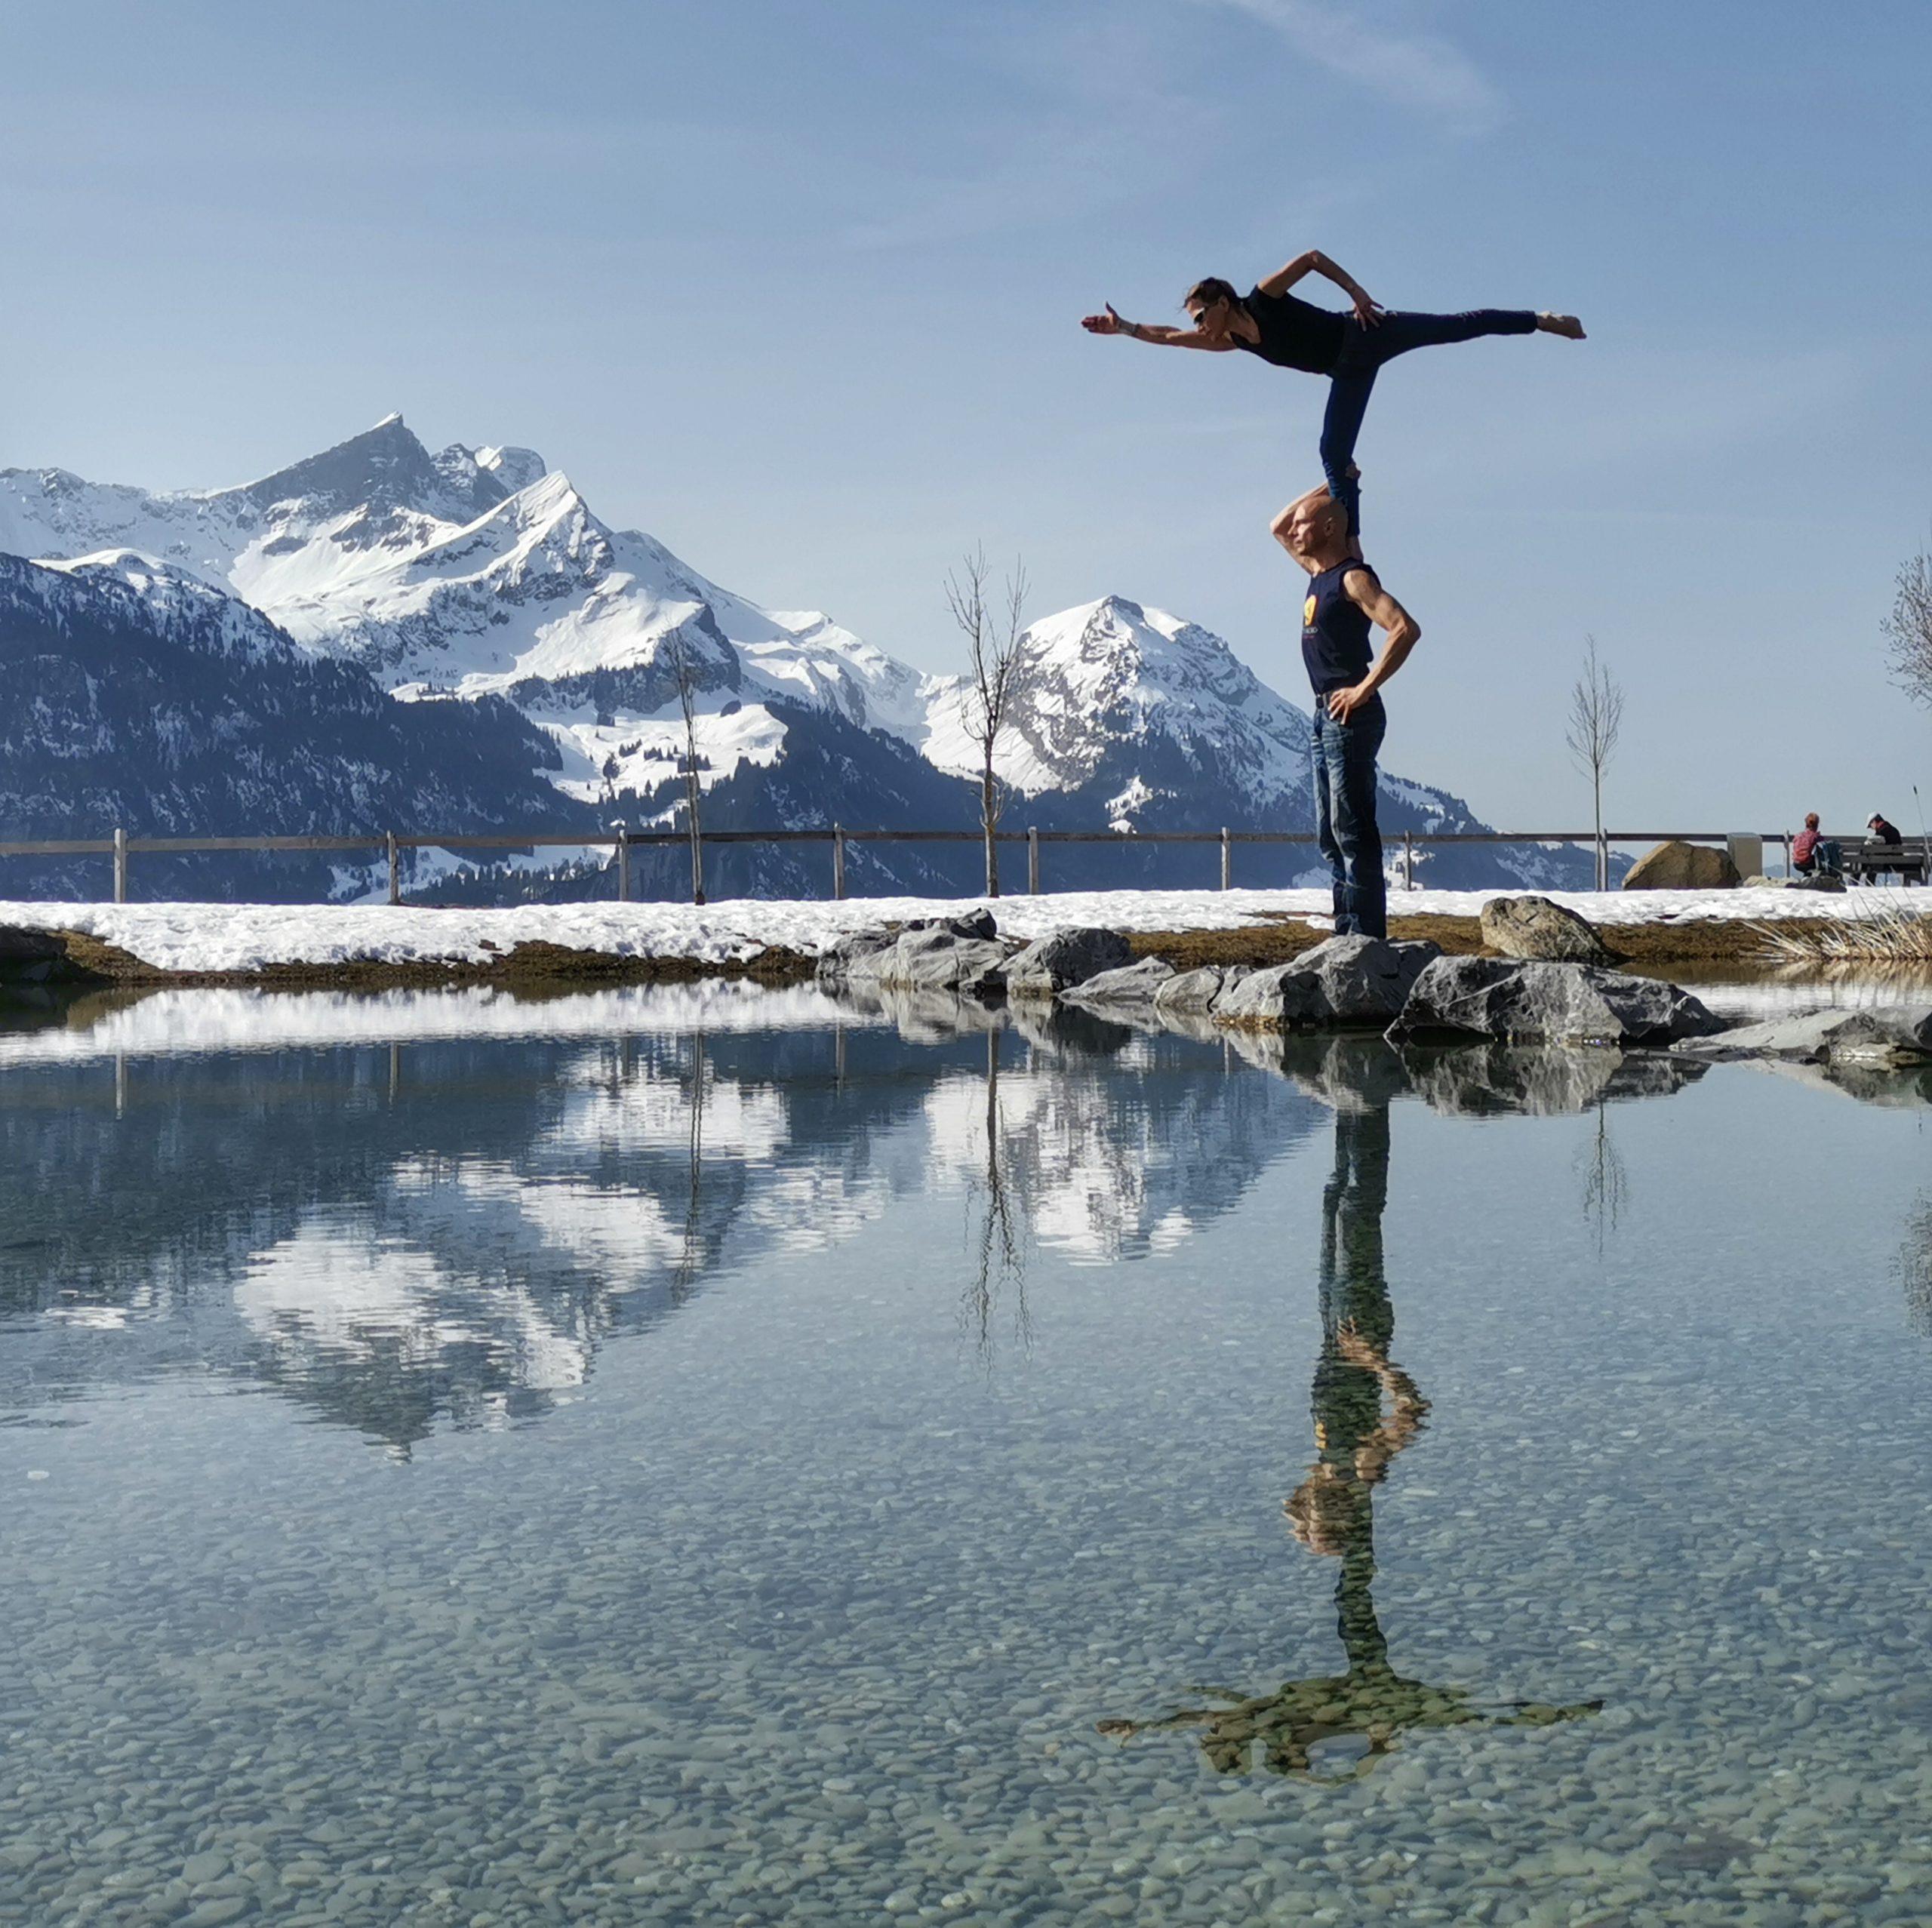 AcroYoga, akrobatik.ch KLG,  Dietlikon Zürich